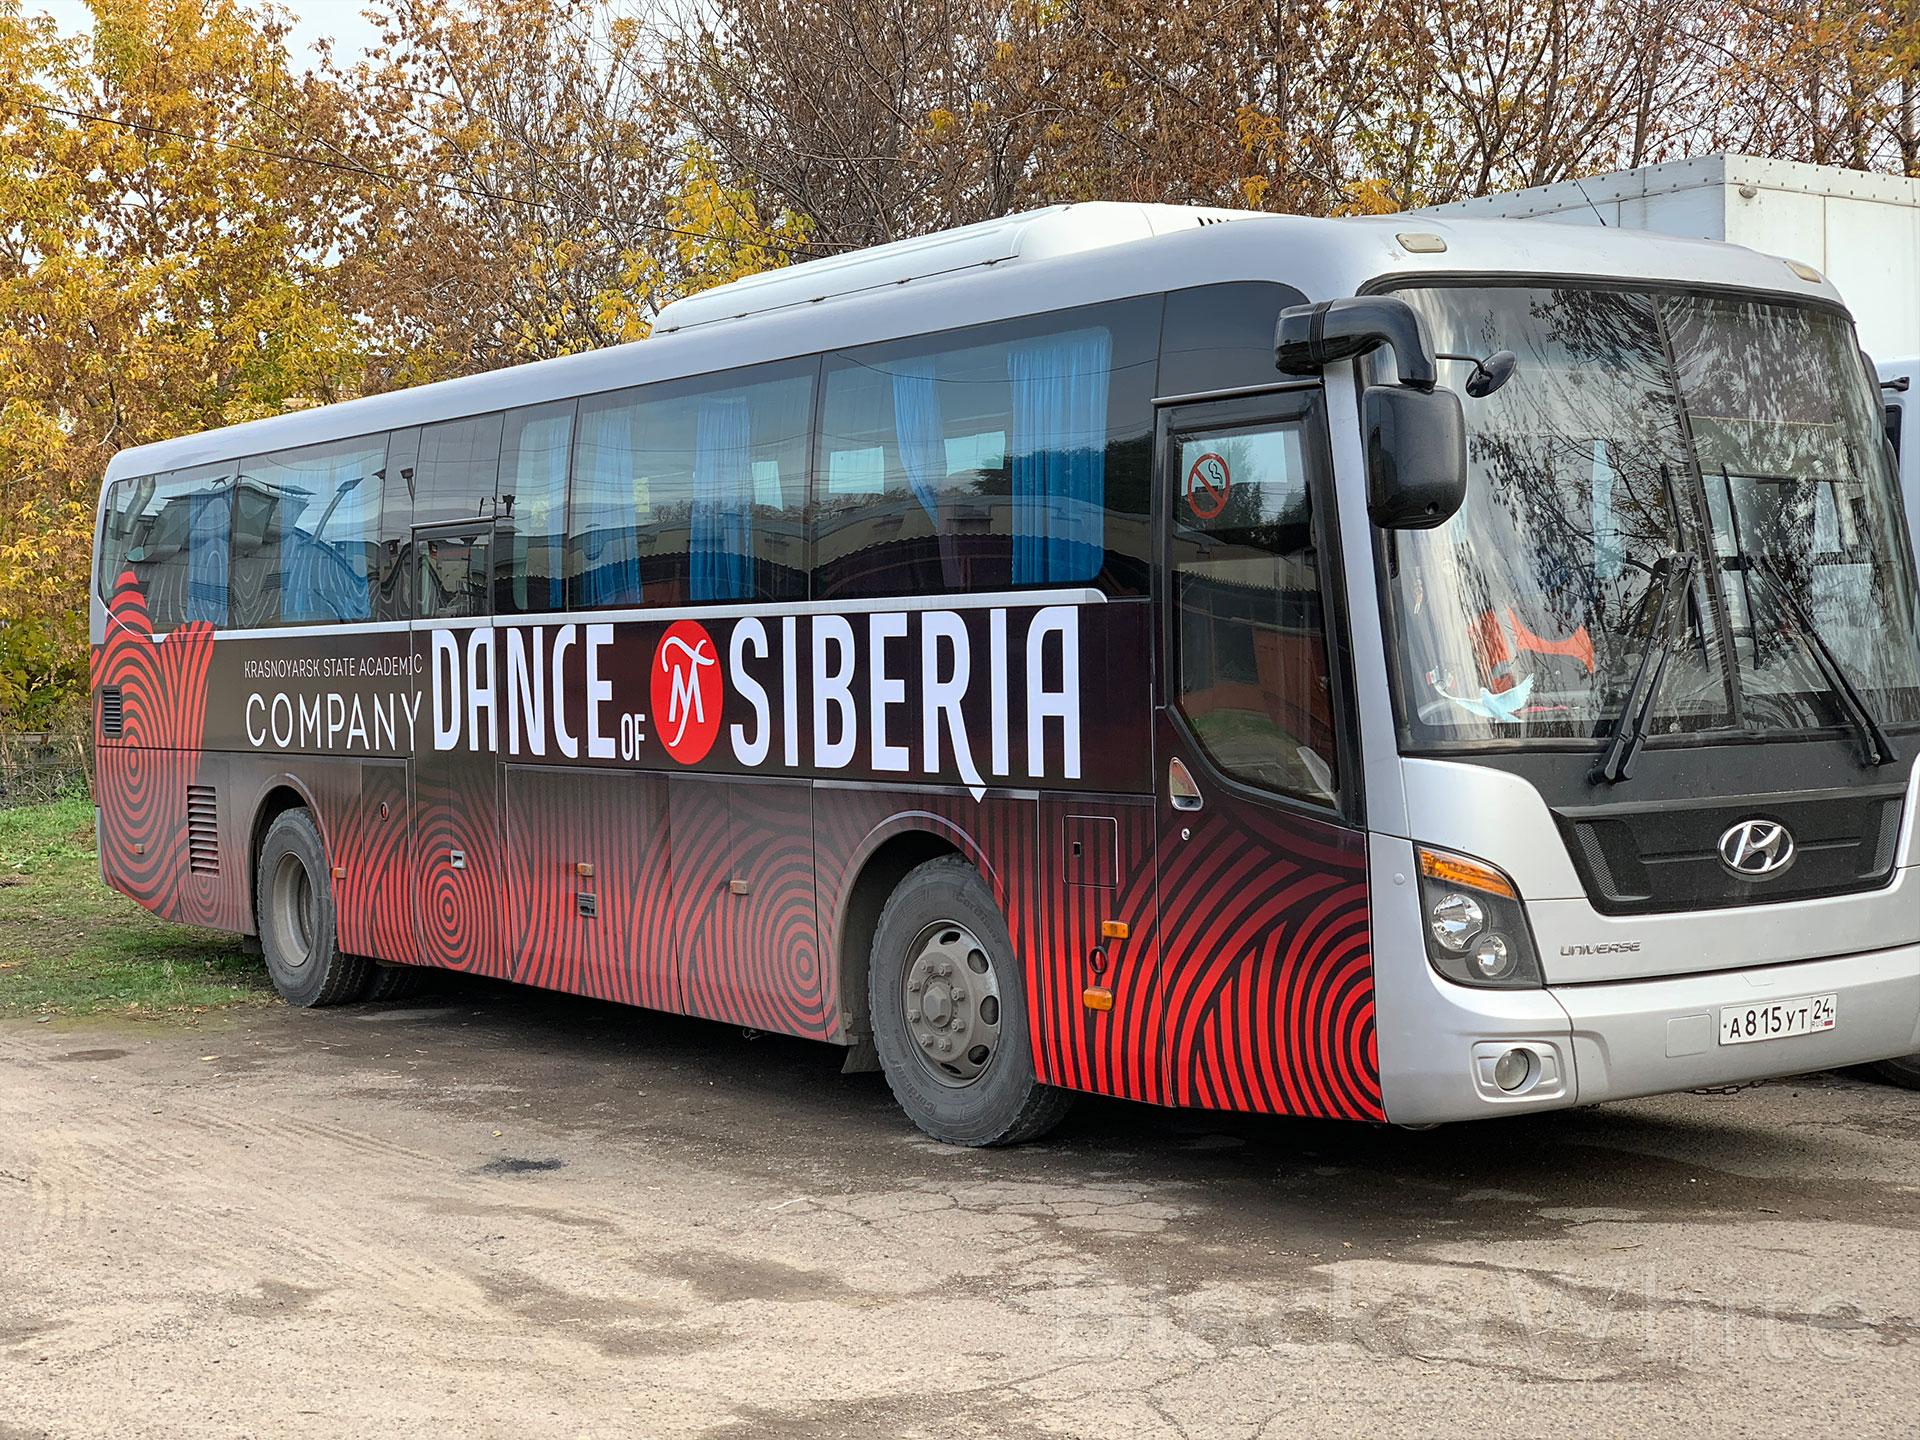 Брендирование-автобуса-Танцы-Сибири-Красноярск...jpg